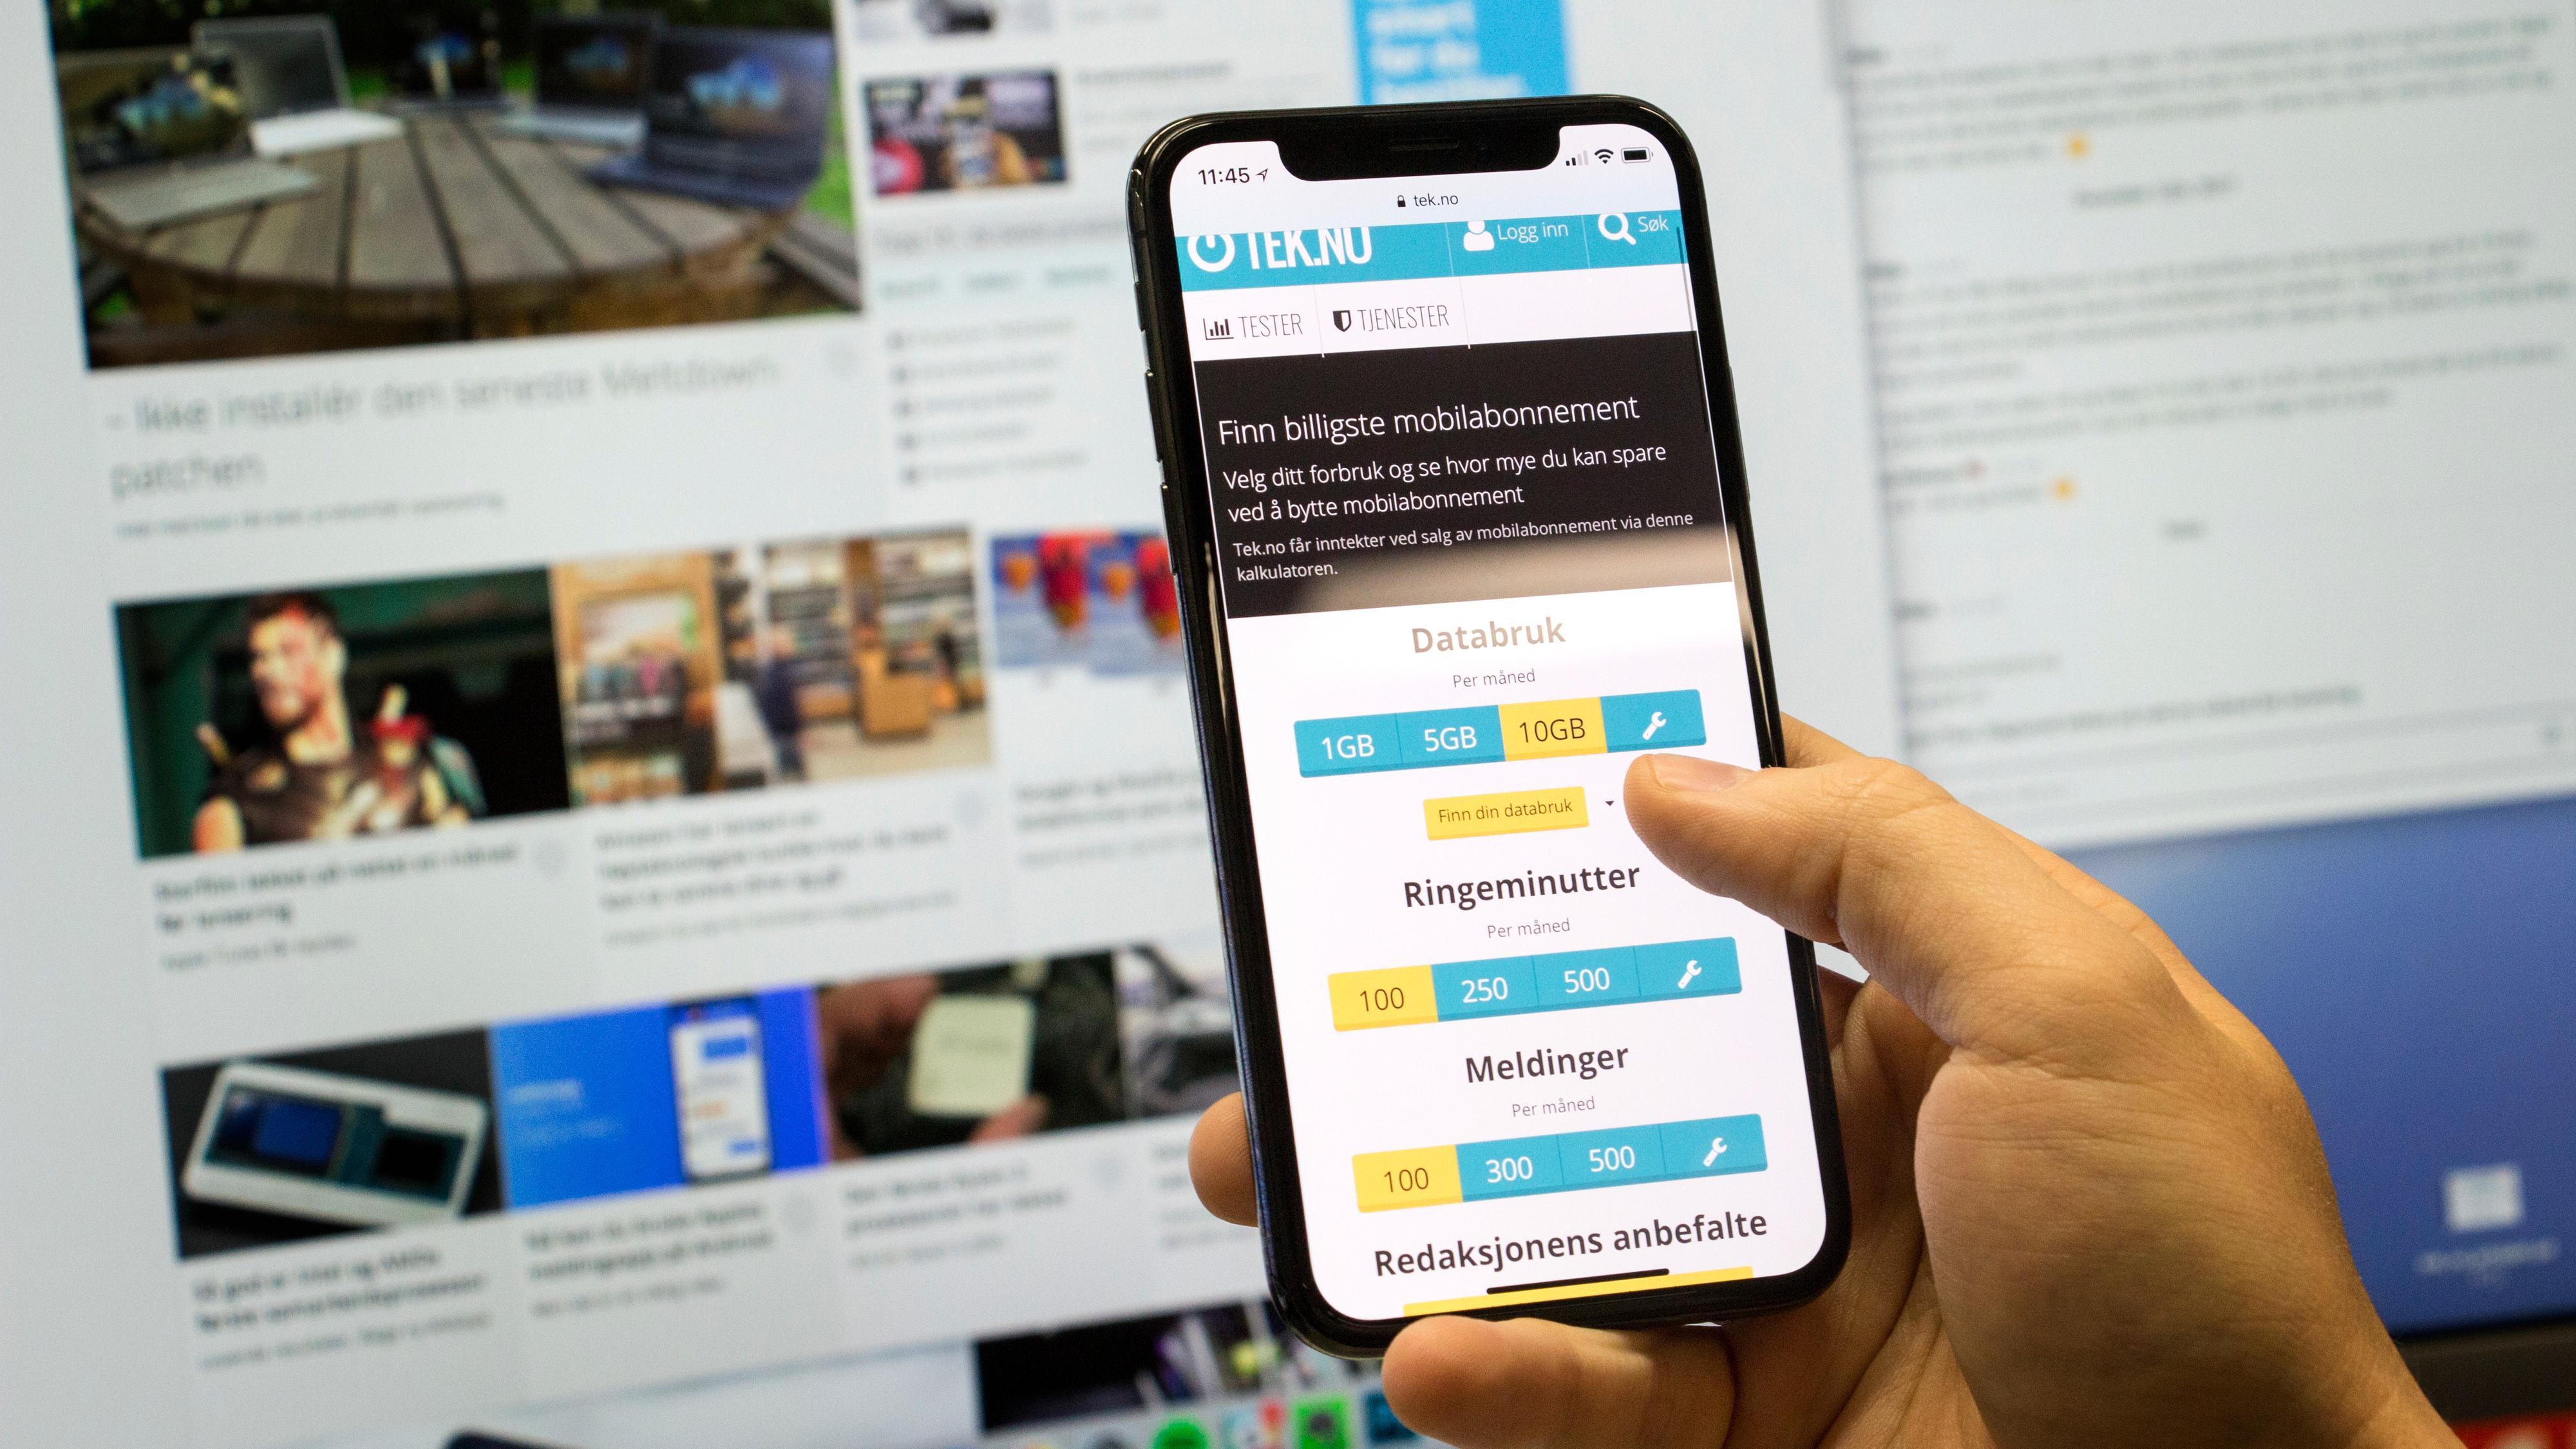 Beste mobilabonnement - april 2018